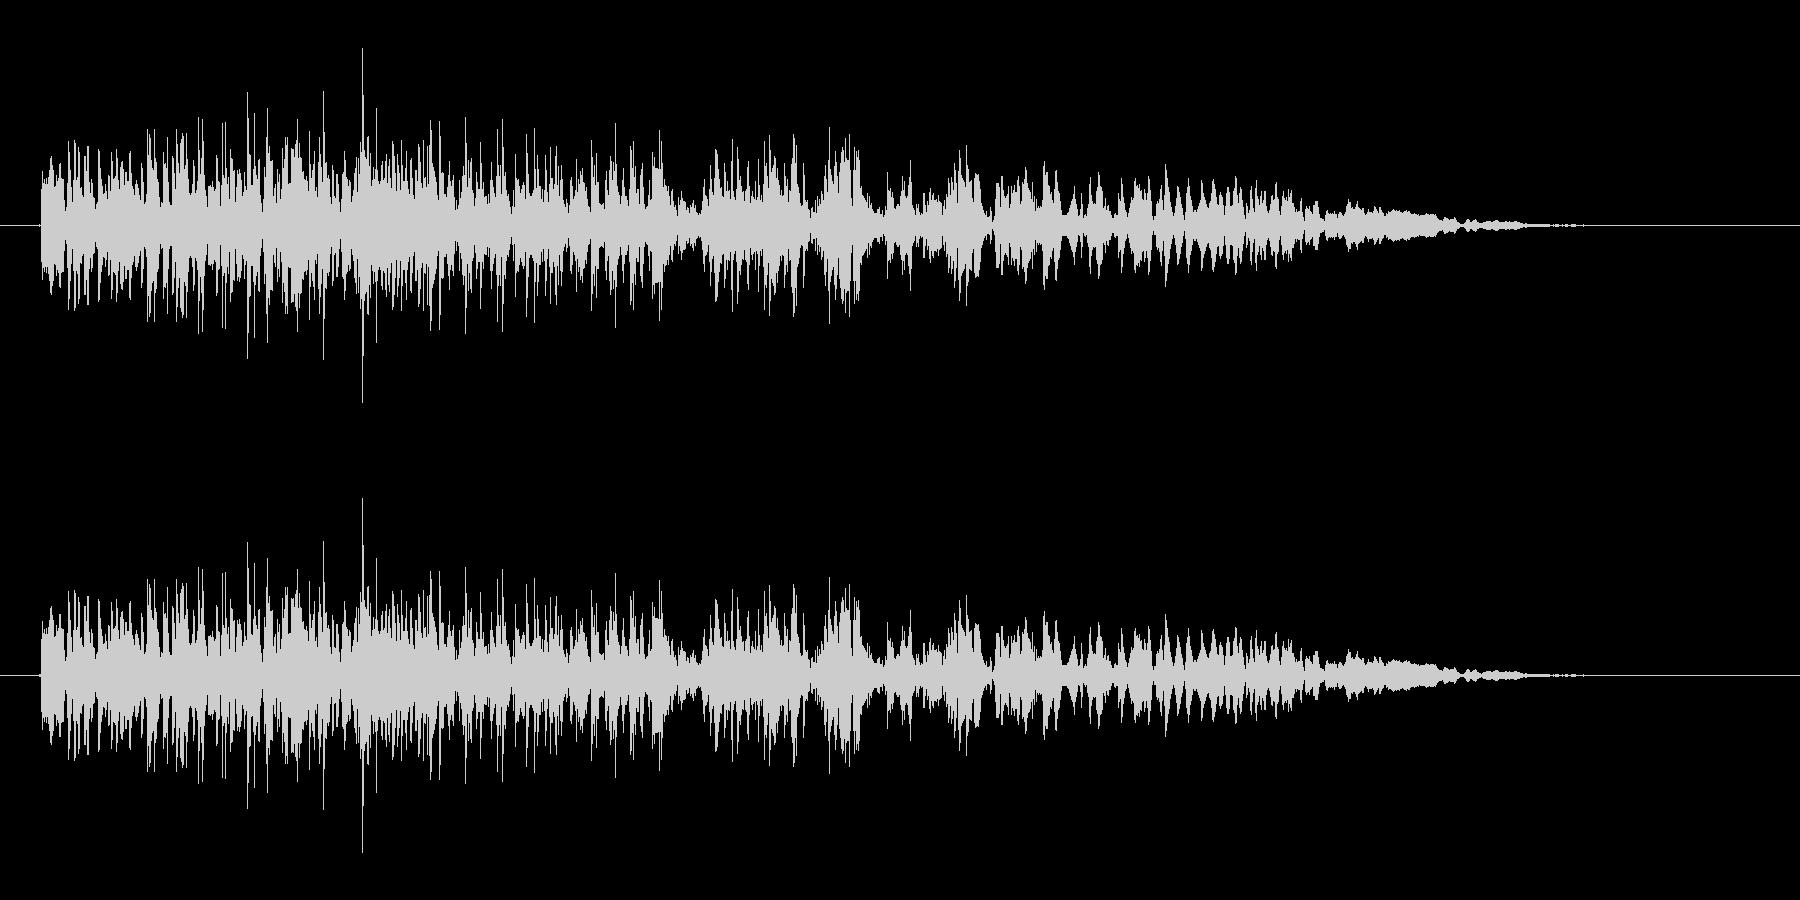 怪物の叫び声2(ウワー)の未再生の波形